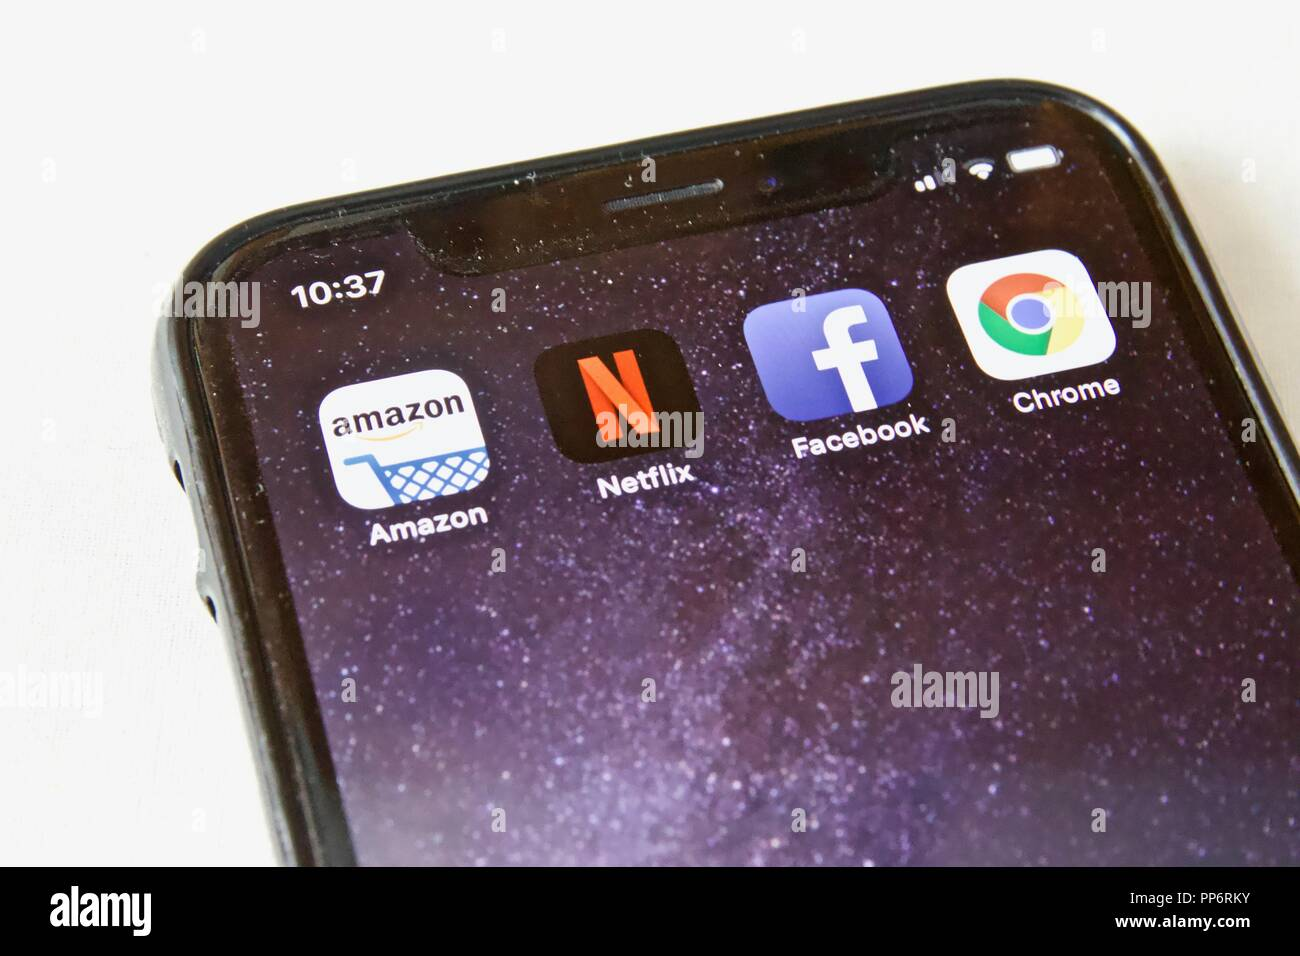 FAANG concept (Facebook,Apple,Amazon,Netflix,Google)  Amazon,Chrome